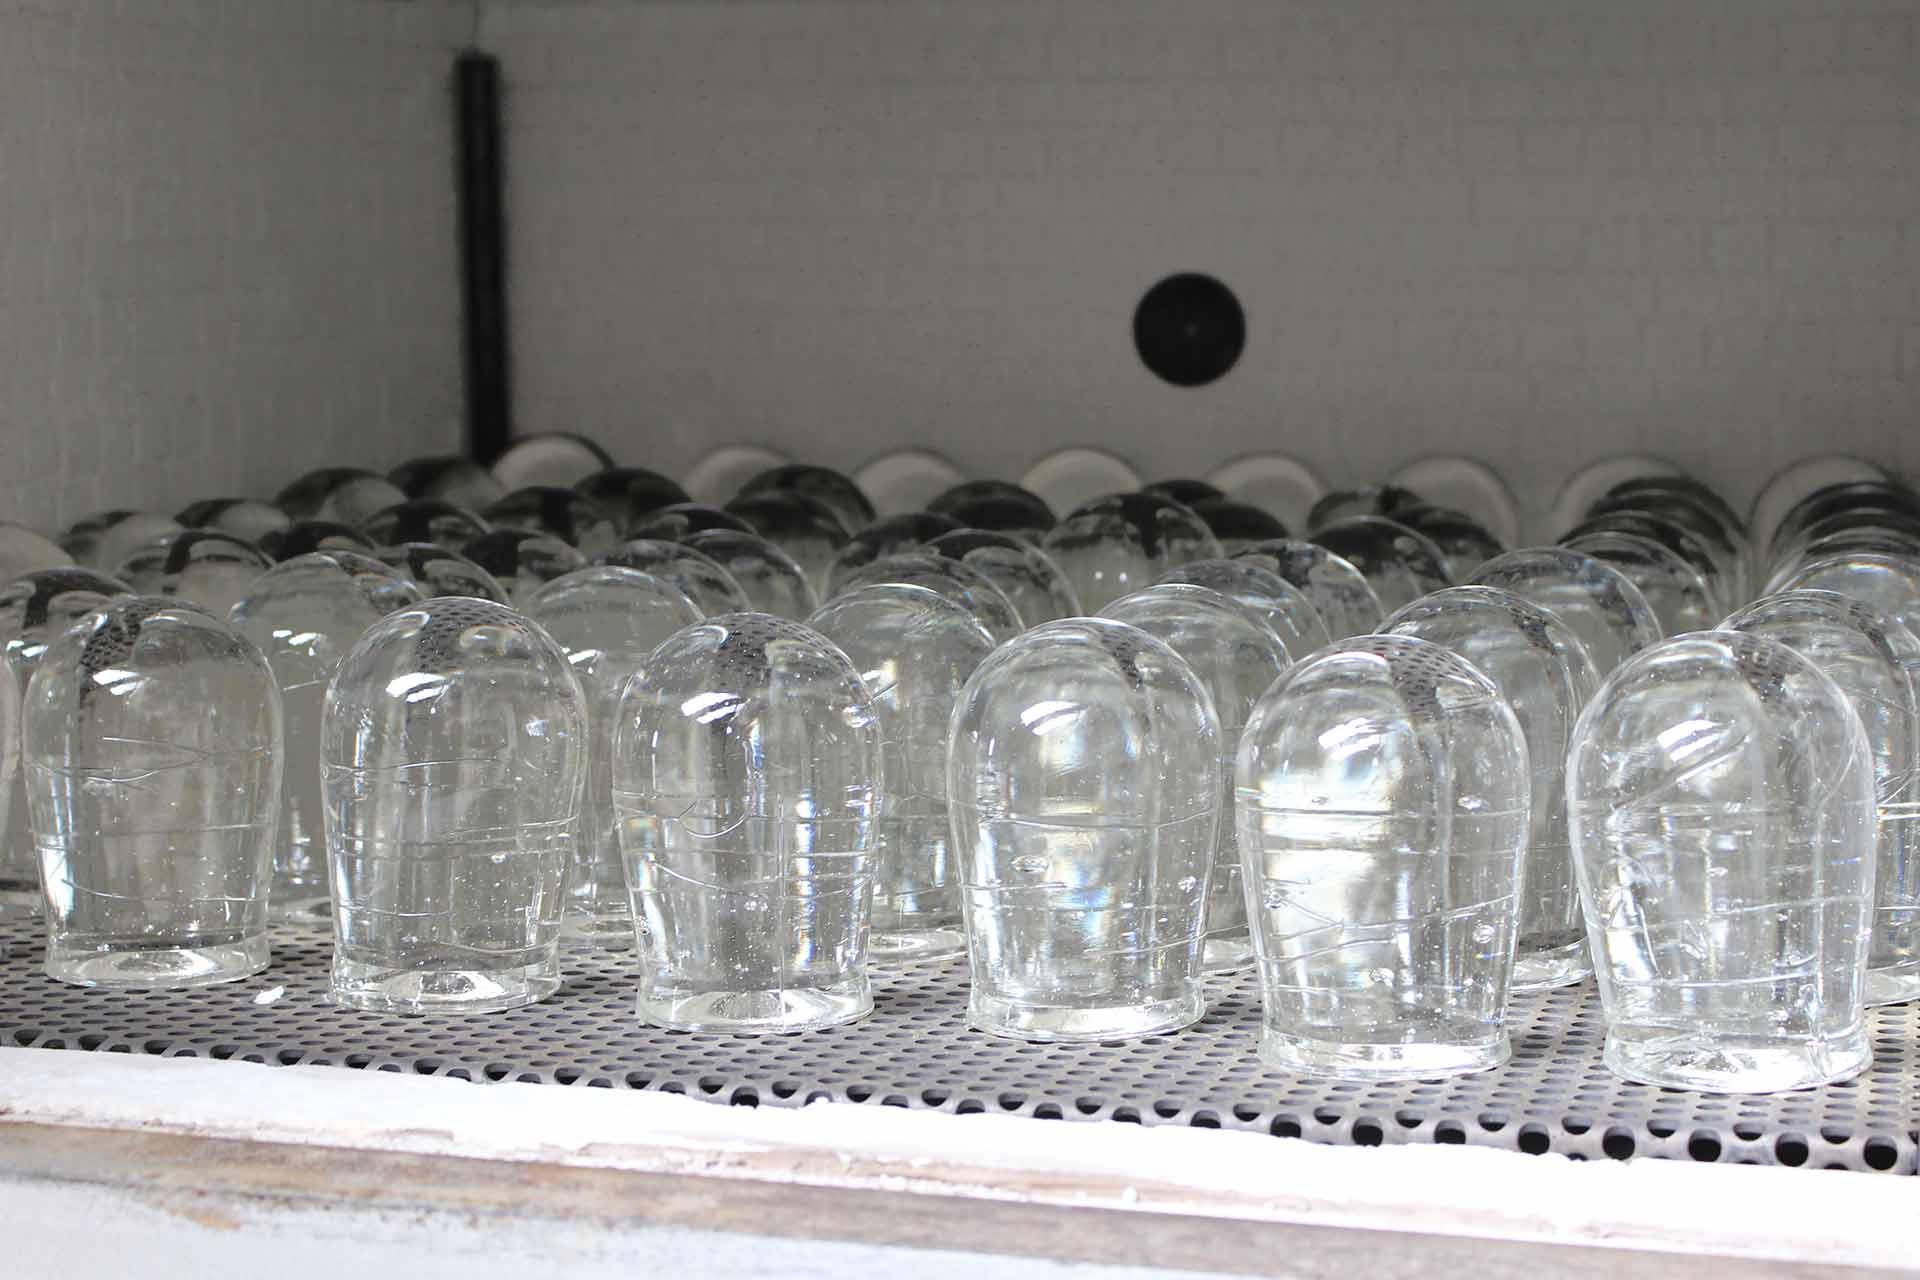 Pavé de verre diffuseurs de lumière Usine BIOSAV Olivier Juteau Maitre Verrier